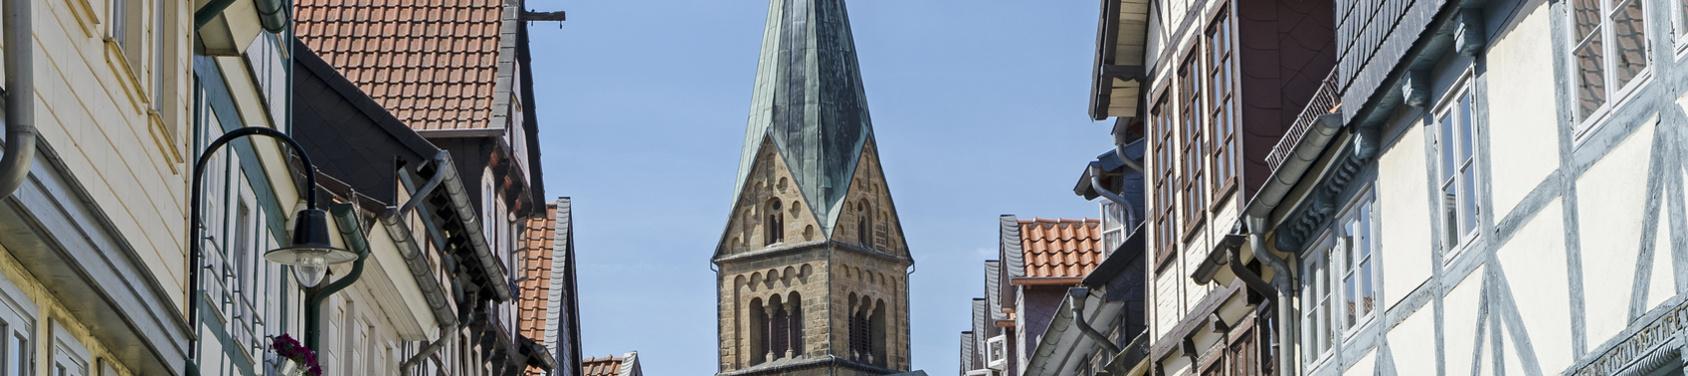 Bild von Wolfenbüttel